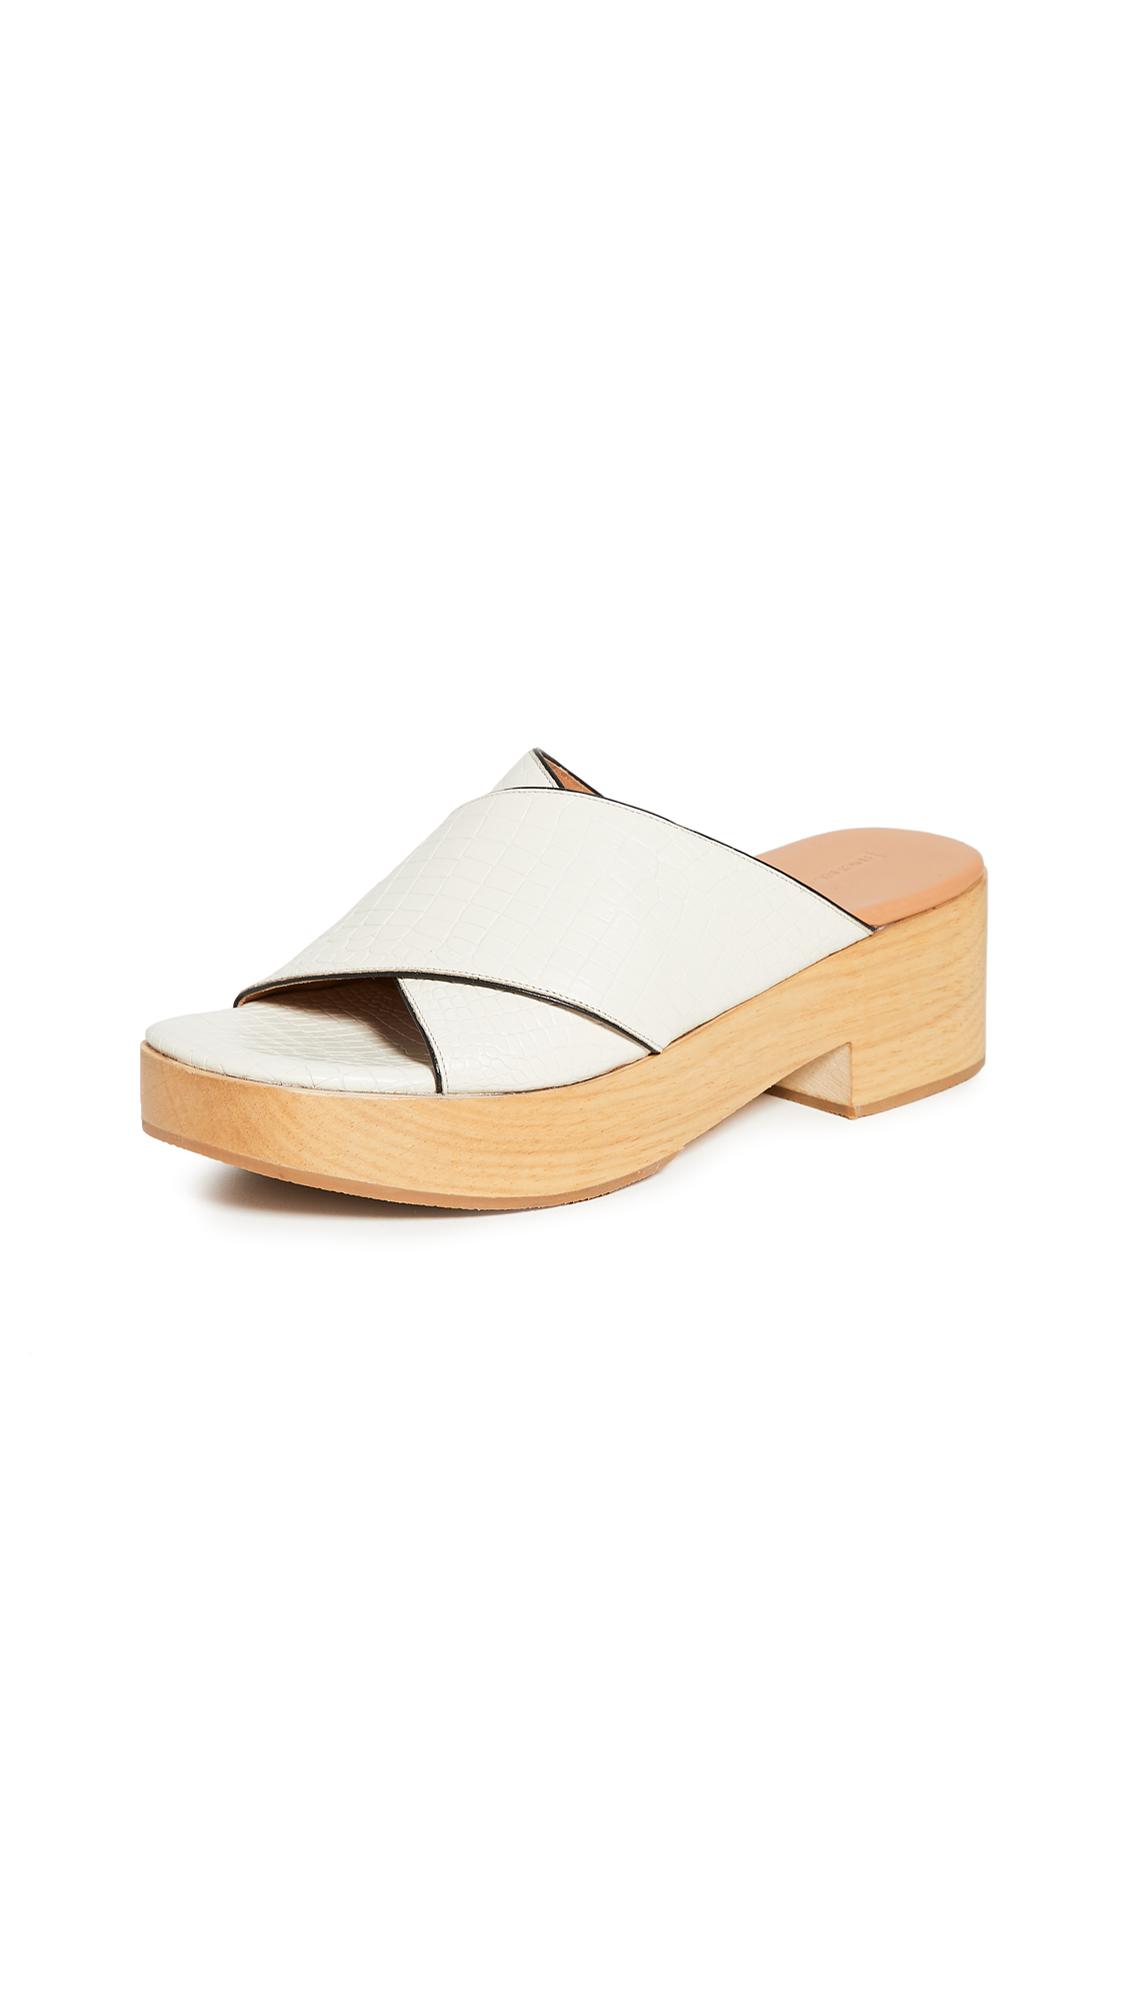 Rachel Comey Serge Clog Sandals - 30% Off Sale